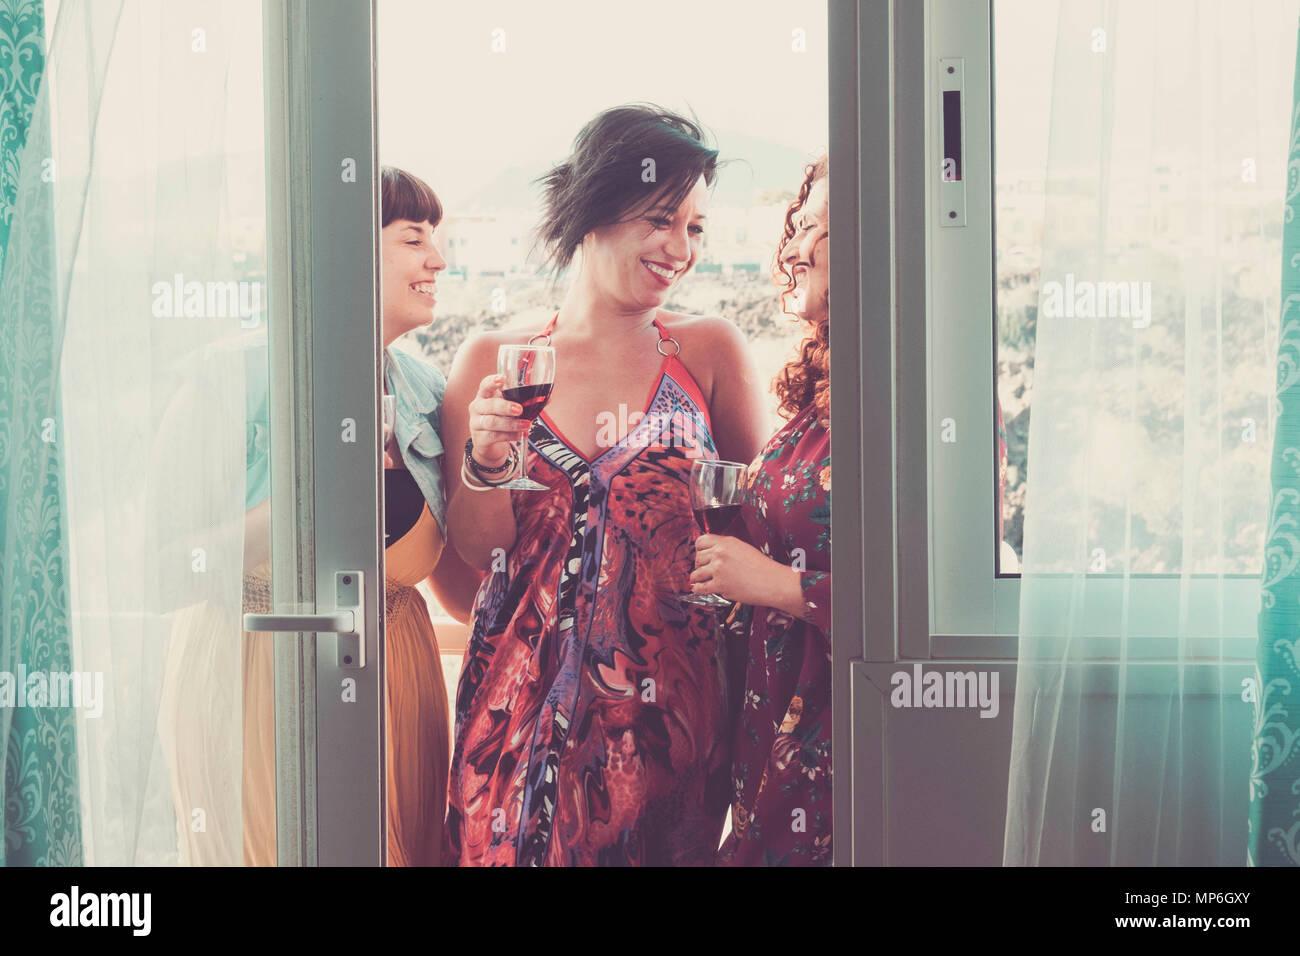 Gruppo di tre caucasici amici bella donna femmine a casa a celebrare e a Nizza le attività per il tempo libero. amicizia con sorrisi e godendo il tempo Immagini Stock